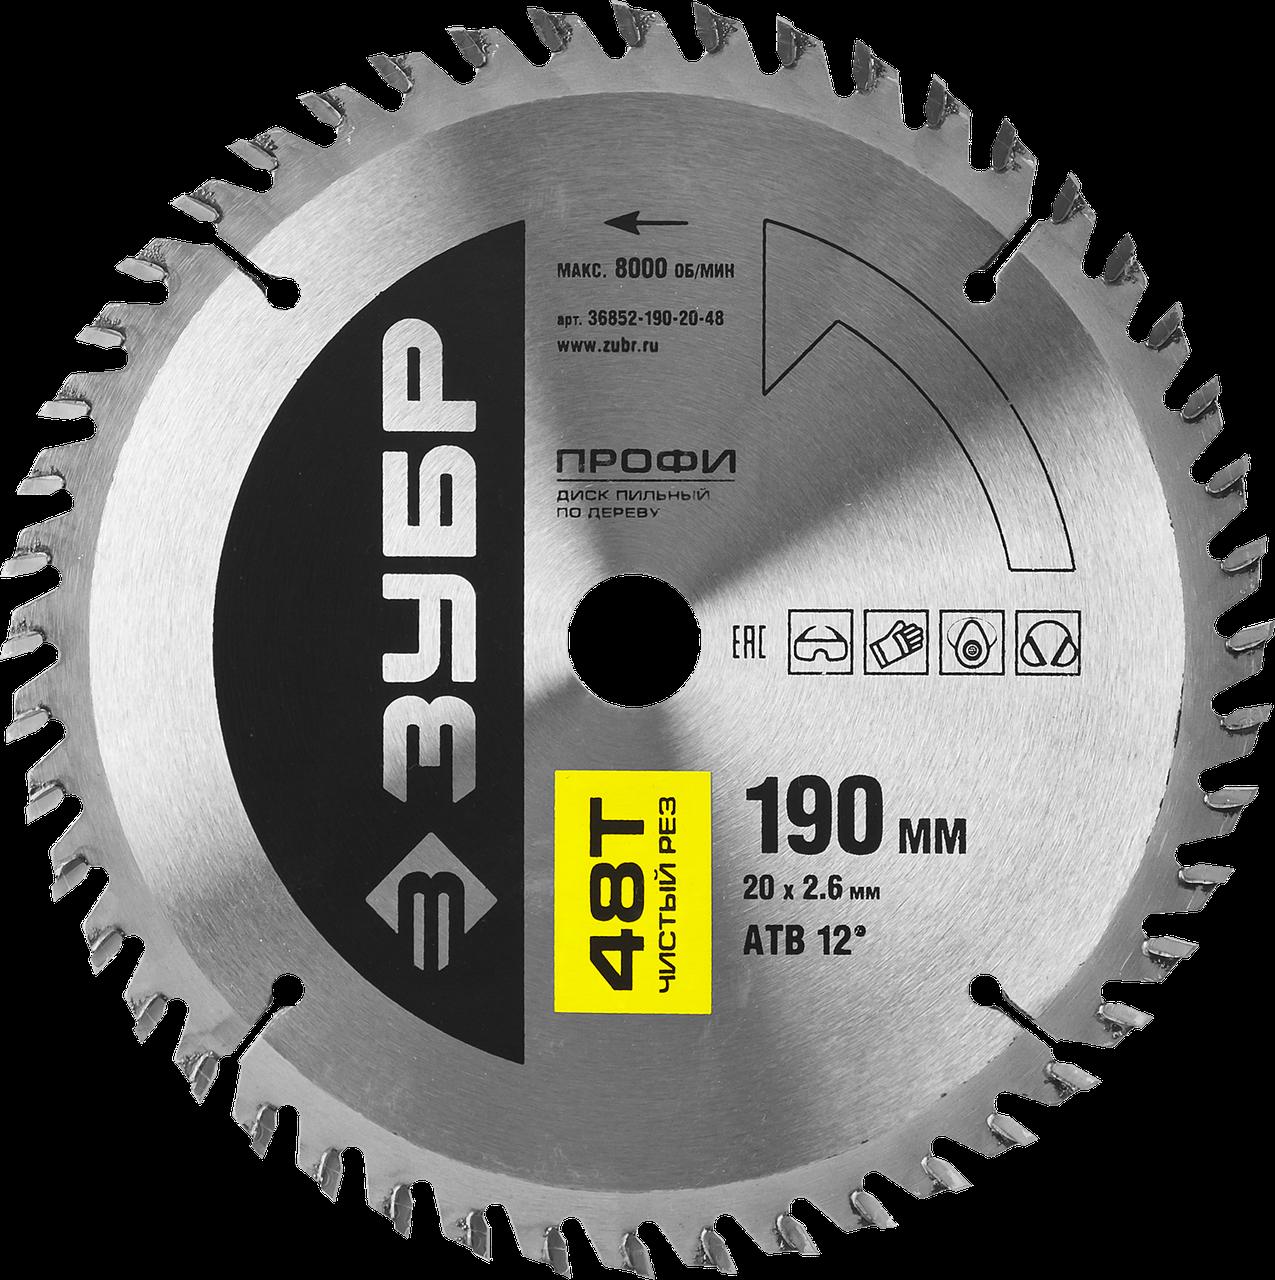 ЗУБР Чистый рез 165х20мм 40Т, диск пильный по дереву 190, 48, 20